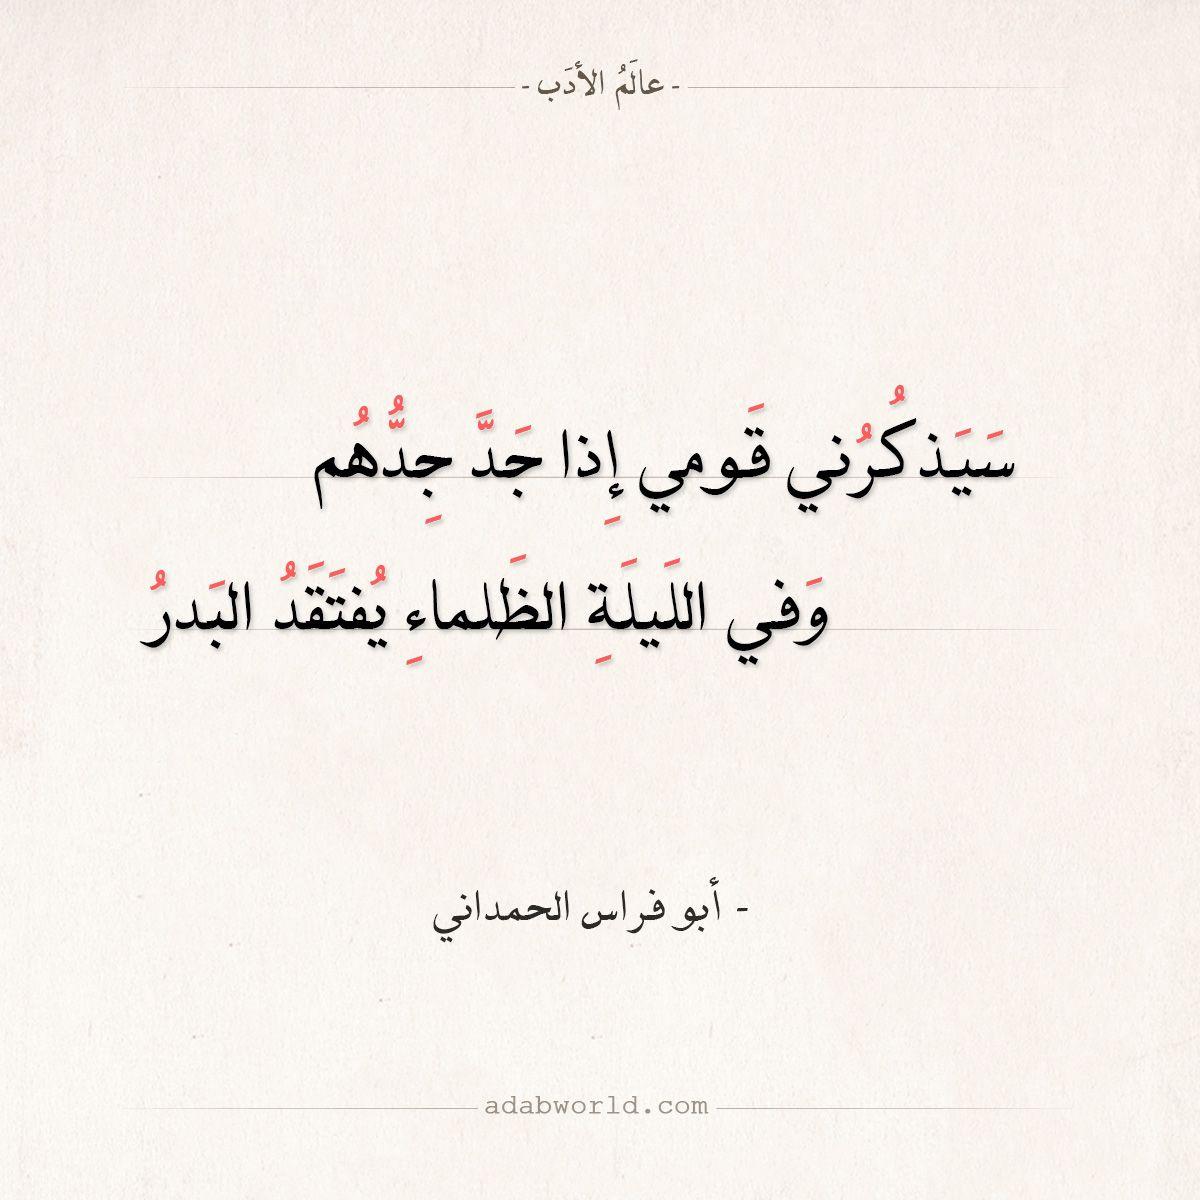 شعر أبو فراس الحمداني سيذكرني قومي إذا جد جدهم عالم الأدب Quotes Arabic Love Quotes Arabic Poetry